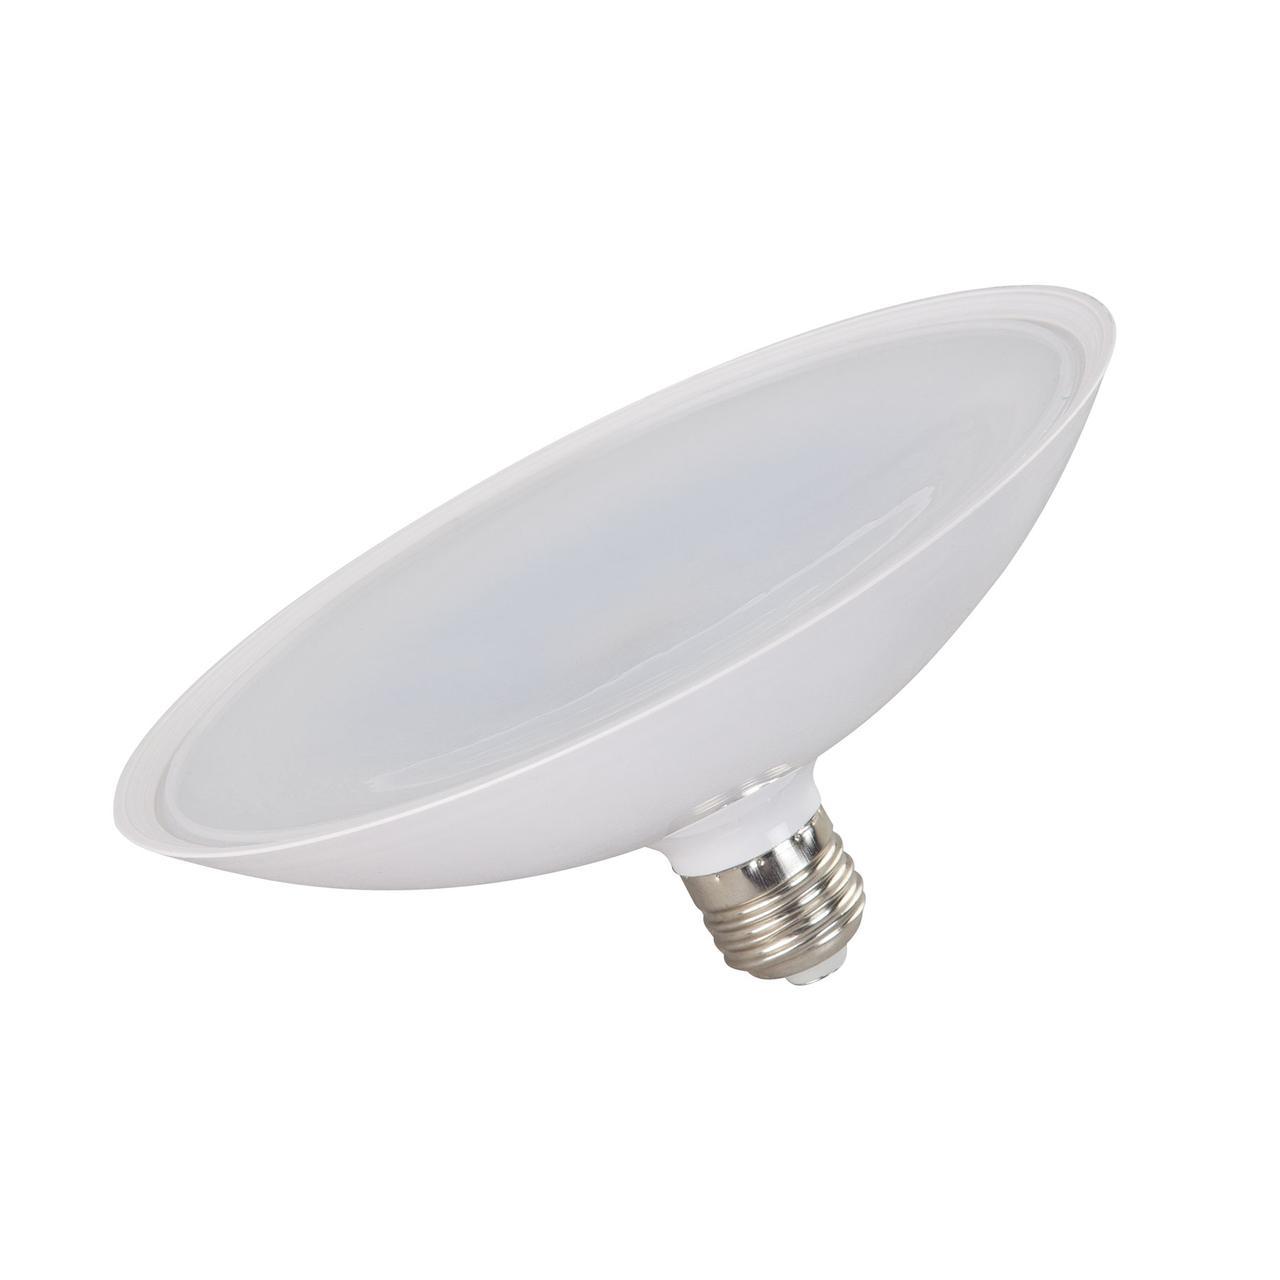 Светодиодная лампа UFO-15 15W Е27 4200K